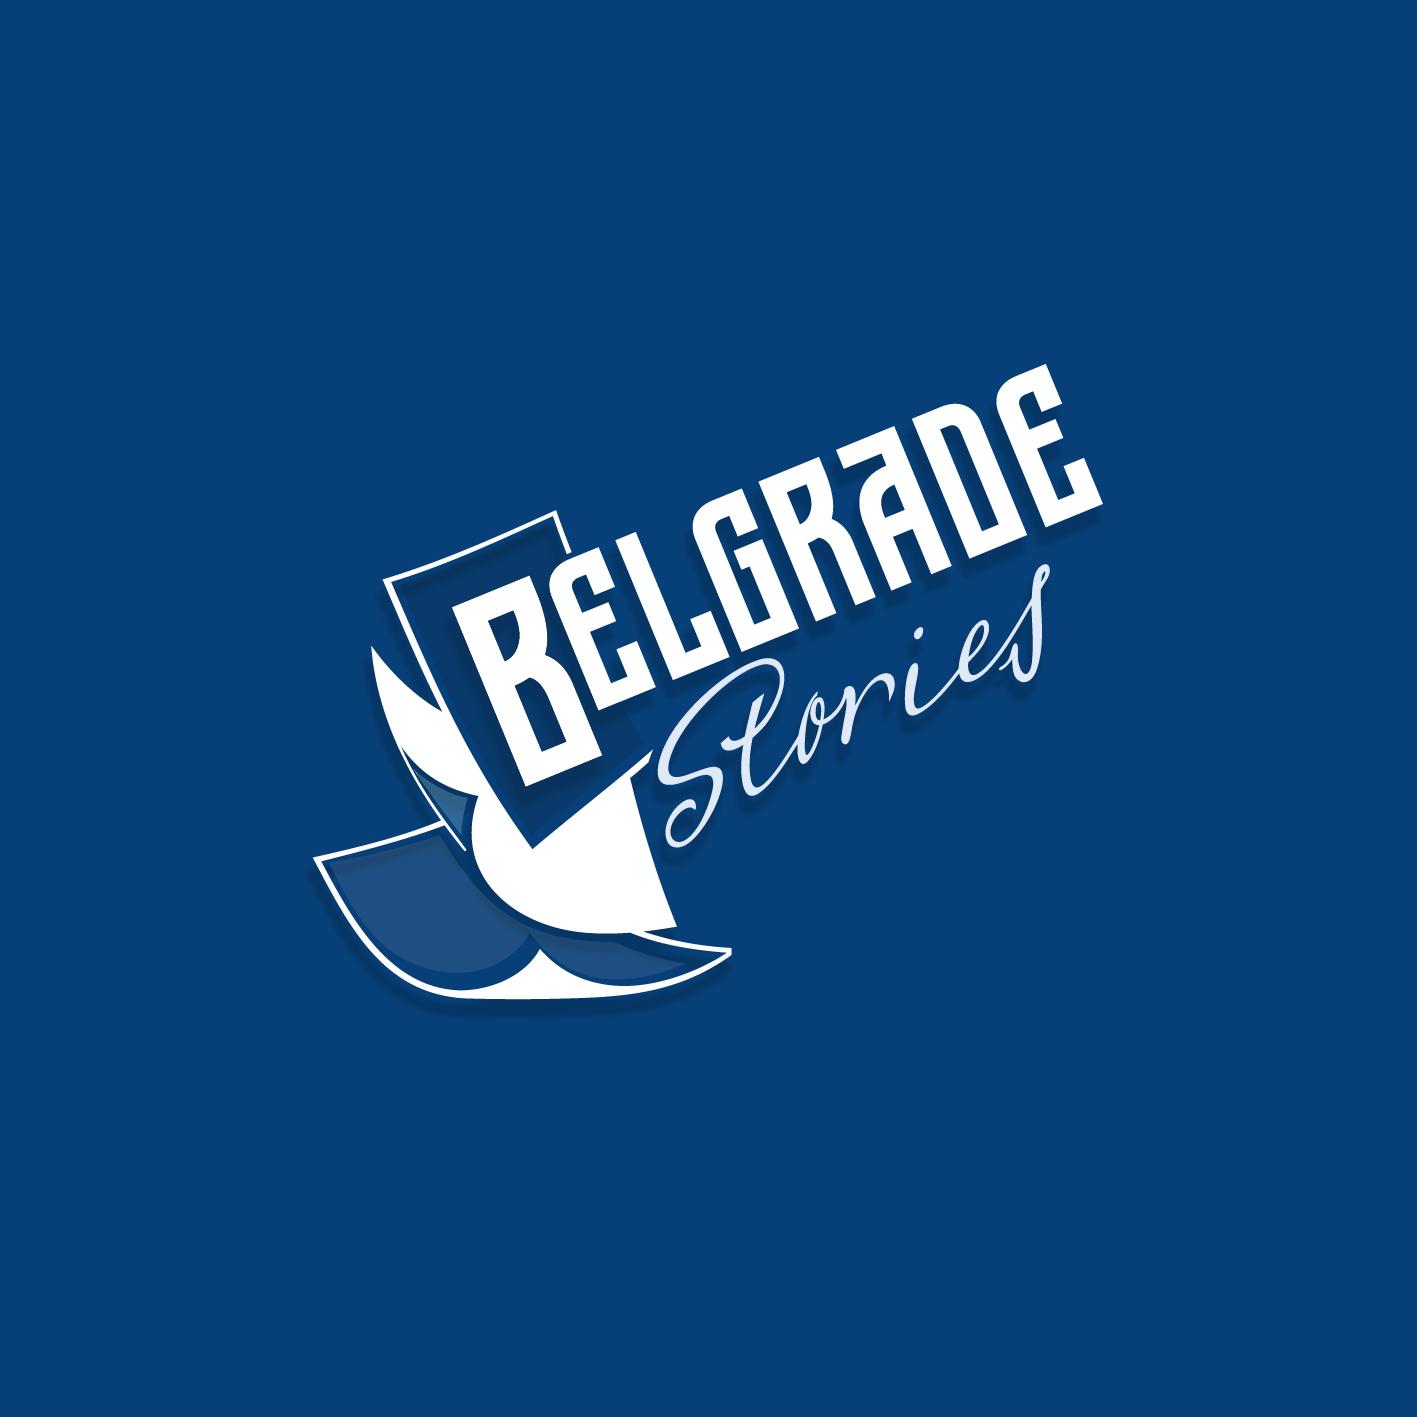 Логотип для агентства городских туров в Белграде фото f_5945891eb4edeca7.png